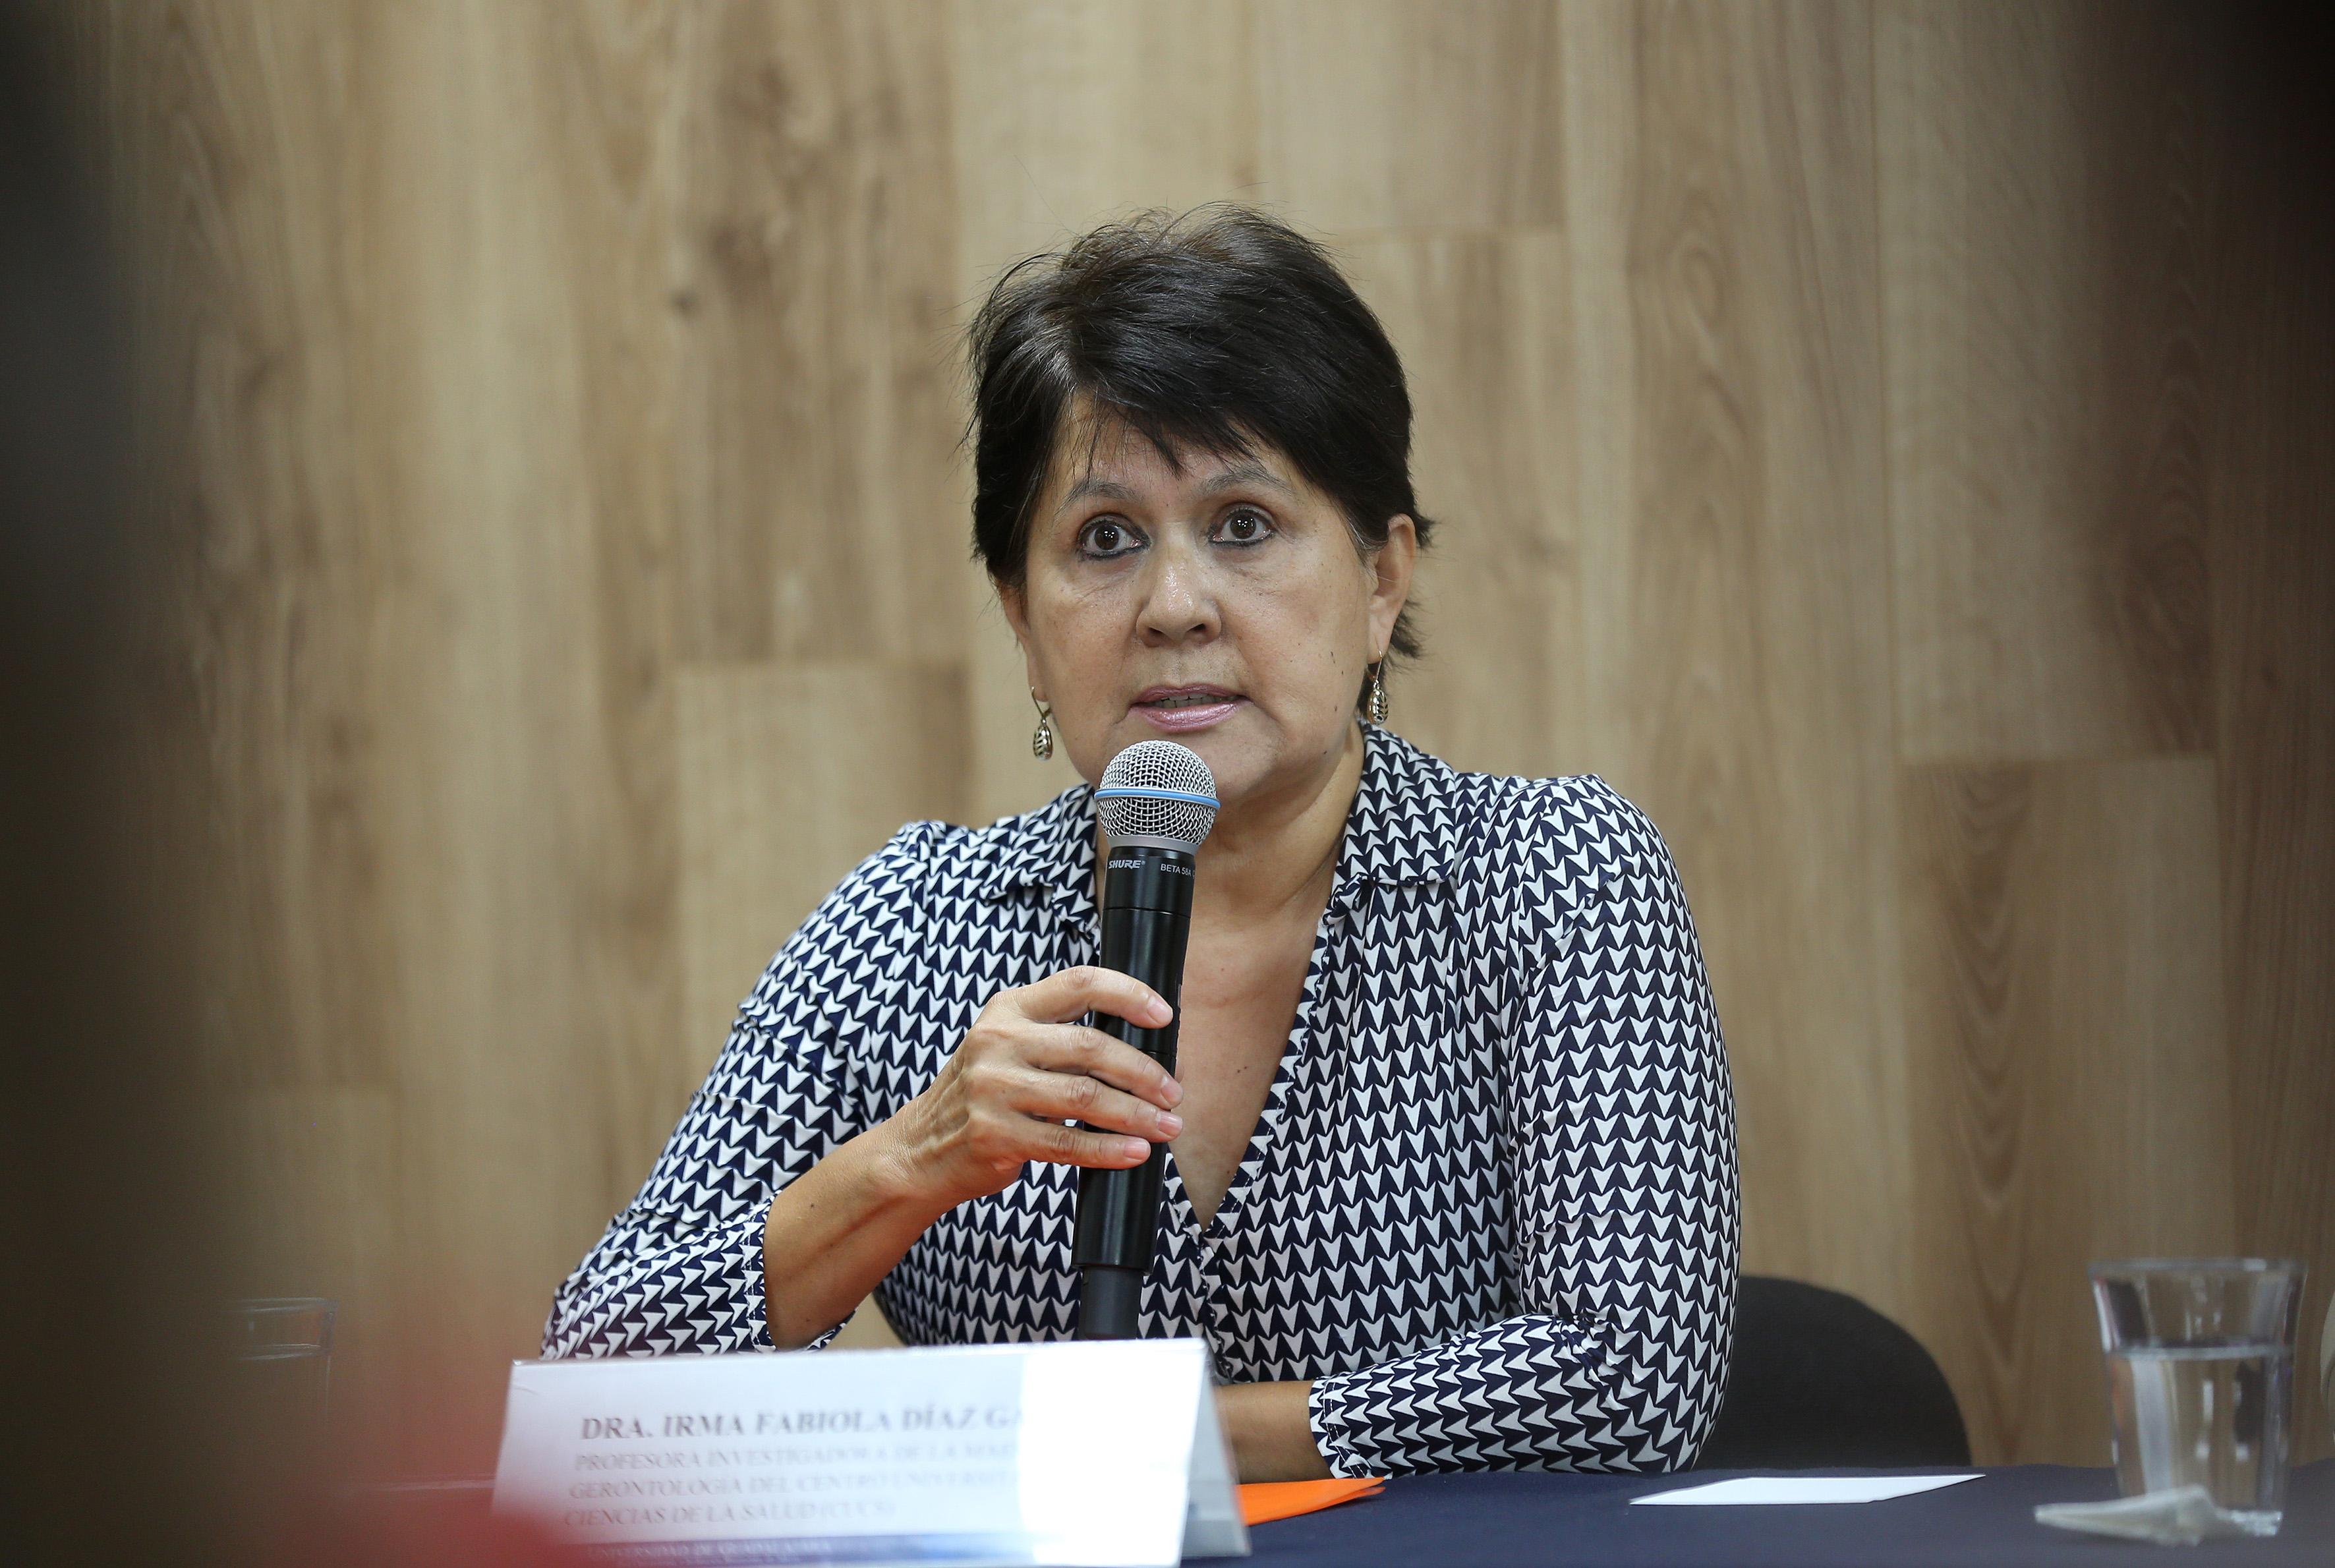 Dra Irma Fabiola Díaz García en rueda de prensa haciendo uso de la voz